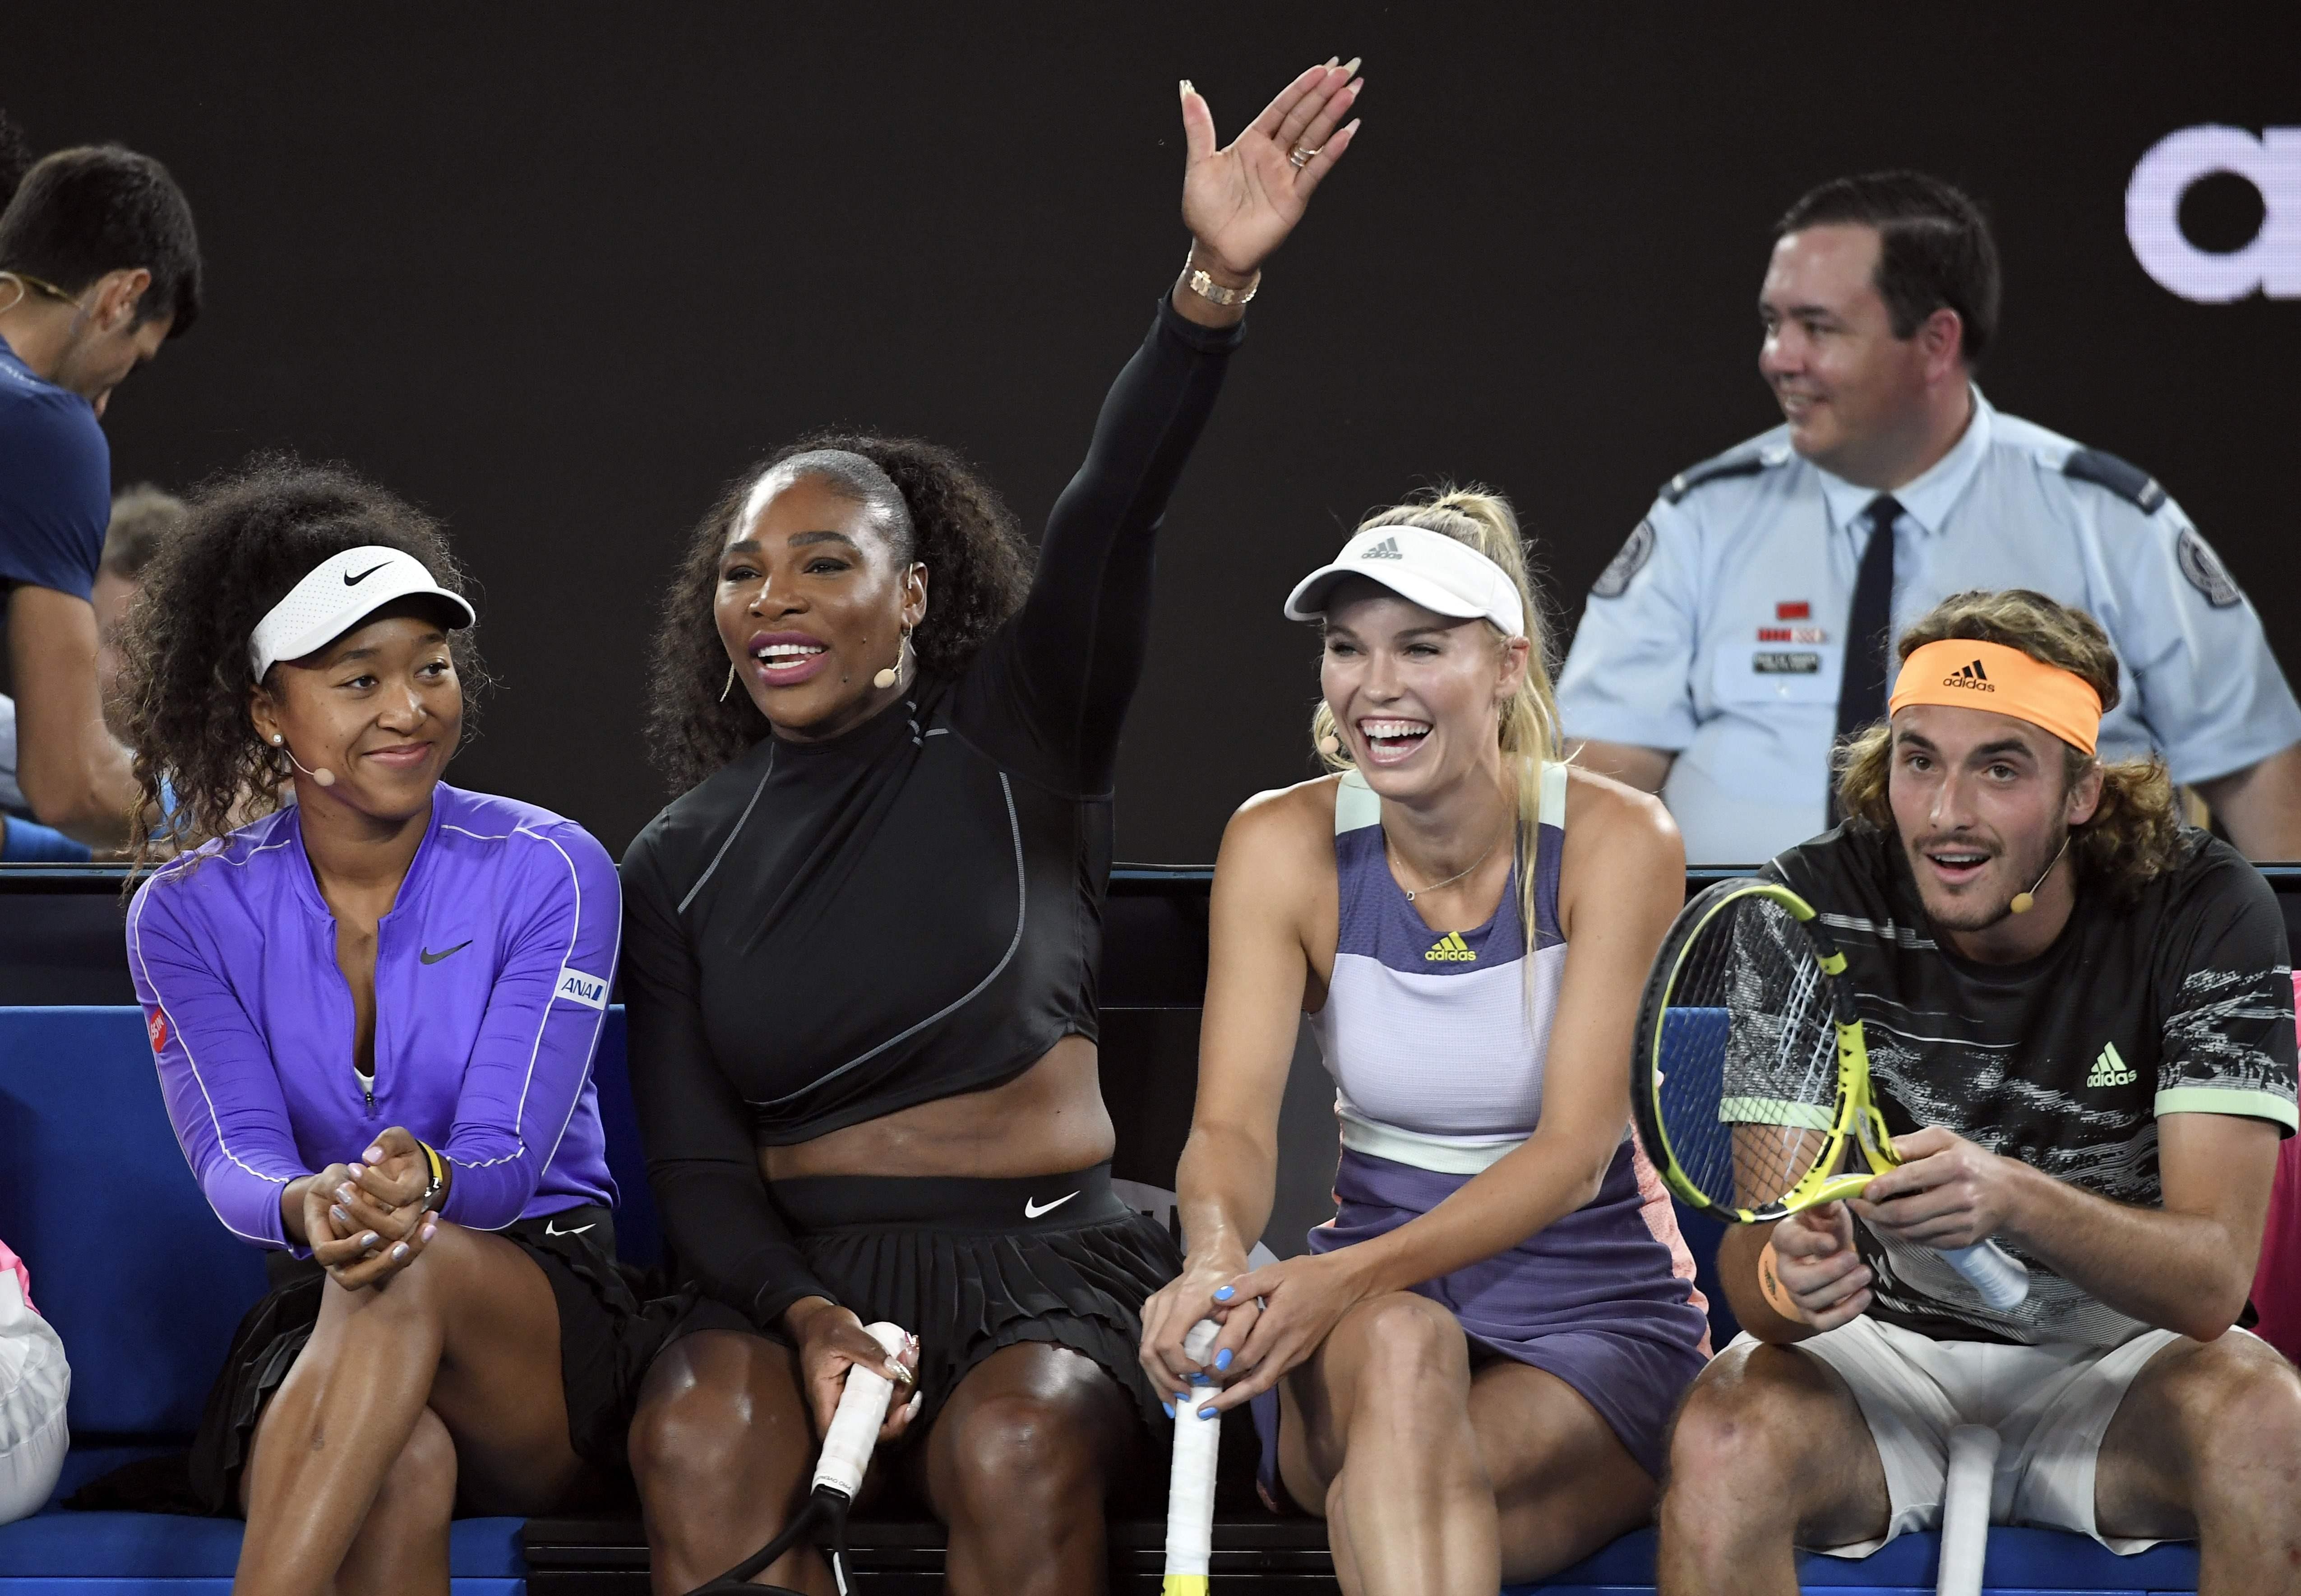 Tennis - Open Australie - Federer, Serena Williams, Djokovic, les stars se mobilisent pour les victimes des incendies